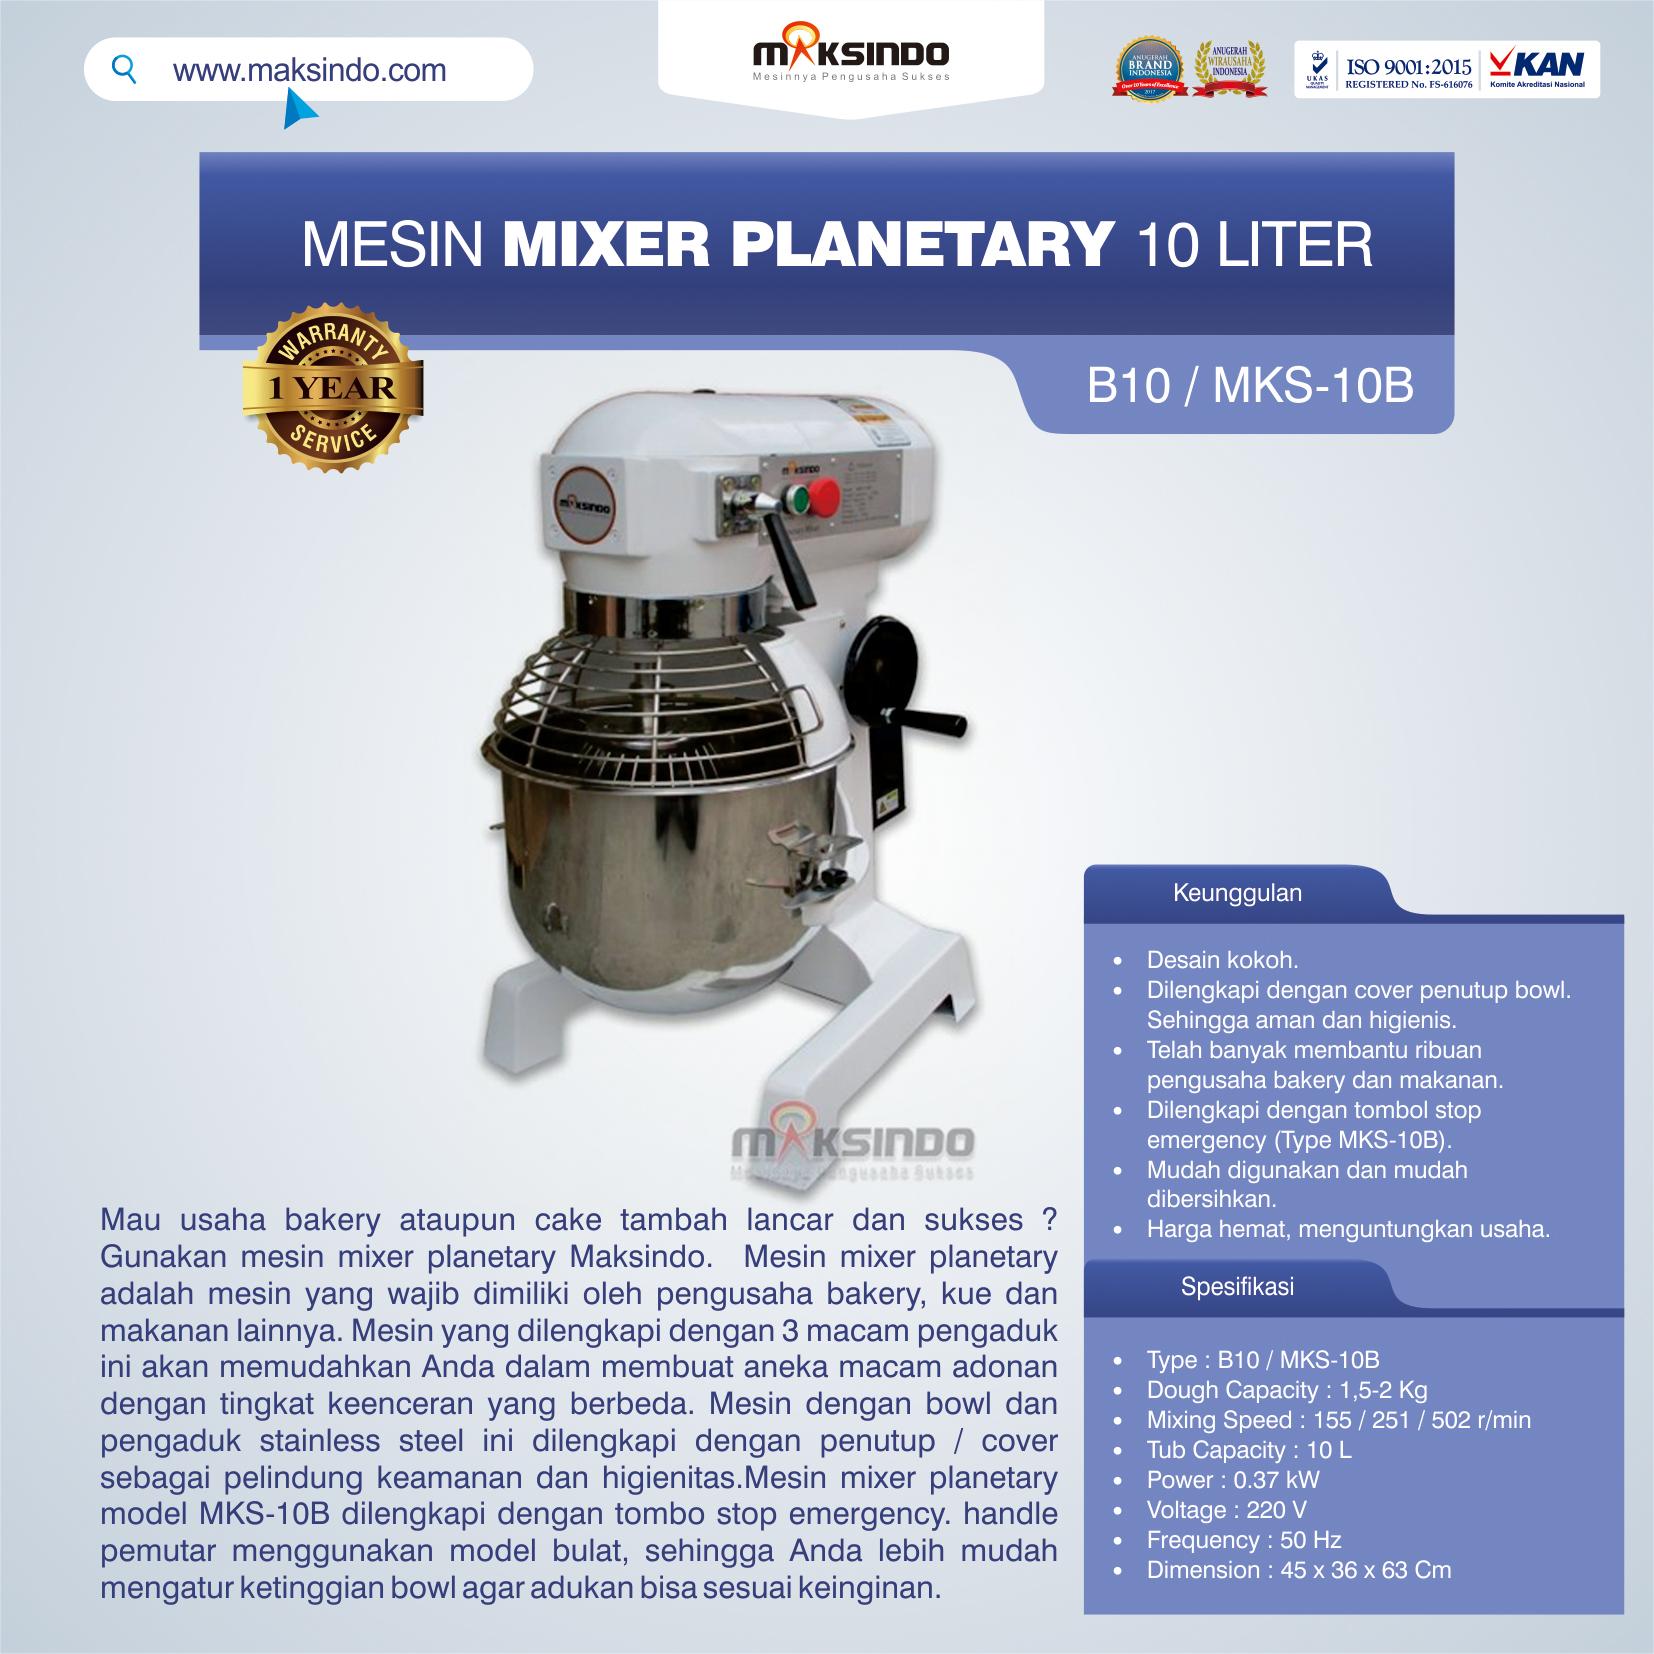 Jual Mesin Mixer Planetary 10 Liter (MKS-10B) di Tangerang